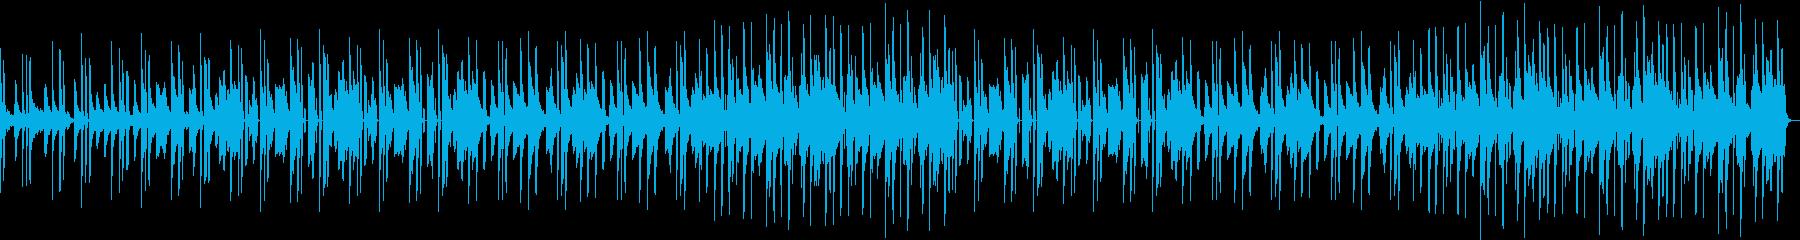 ピアノのゆったりしたポップスの再生済みの波形